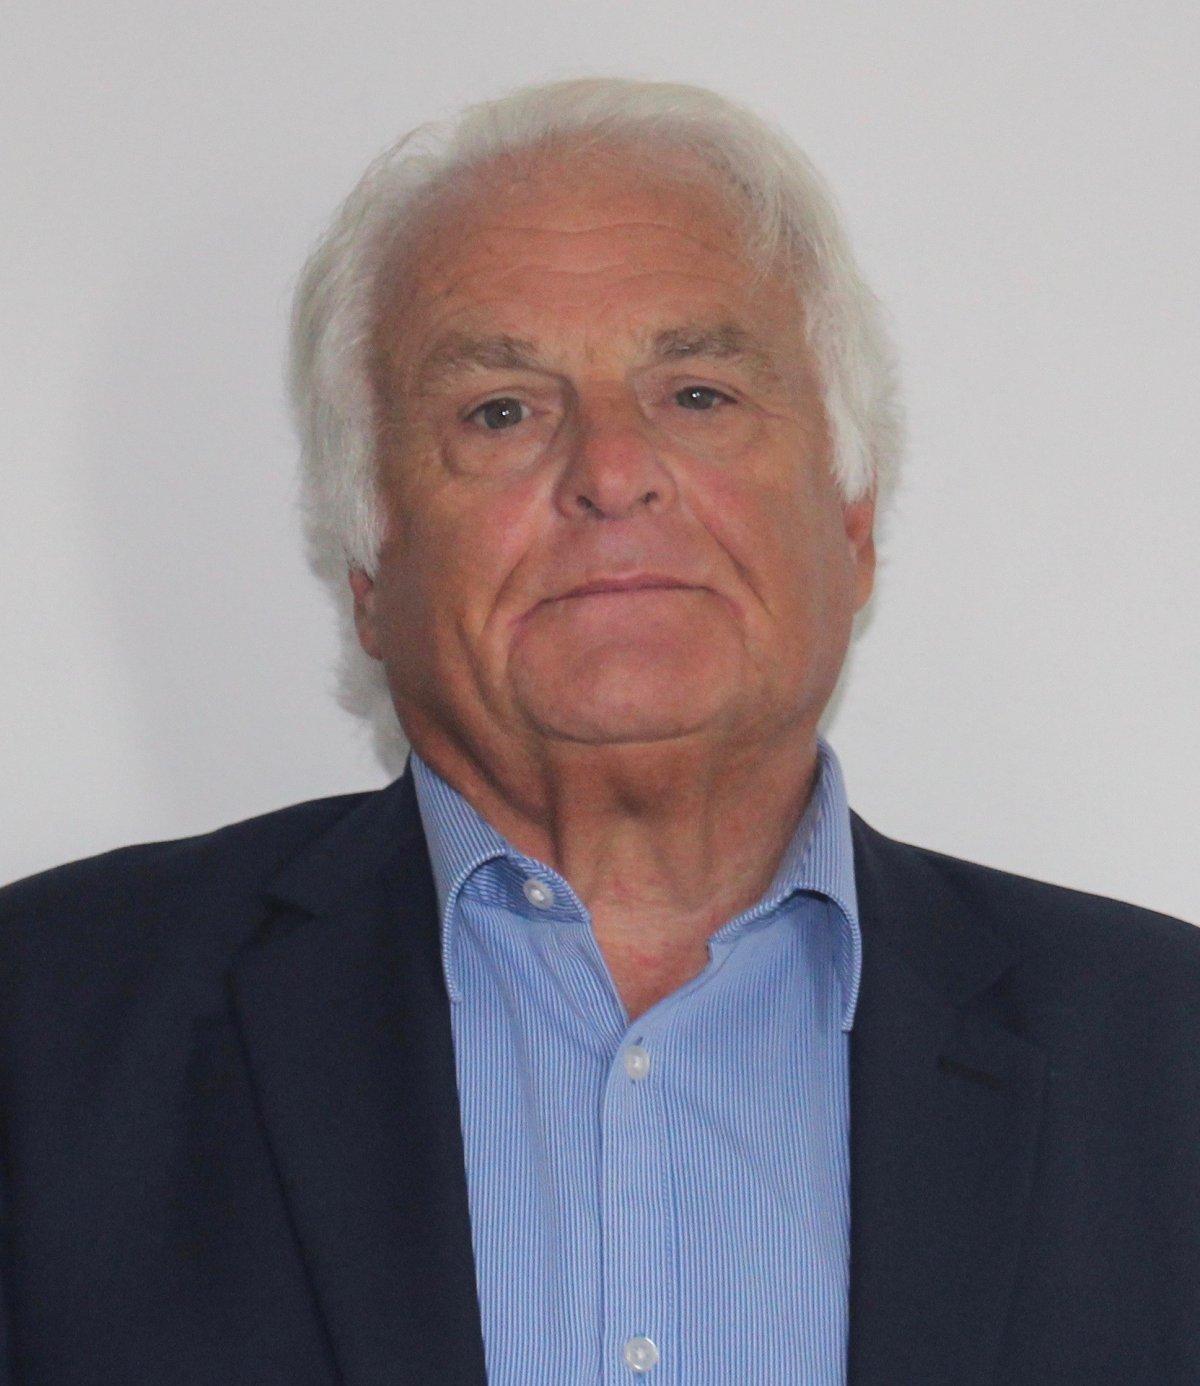 Entretien avec Marc Forestier, Directeur du MBA en Finances Hôtelières Internationales